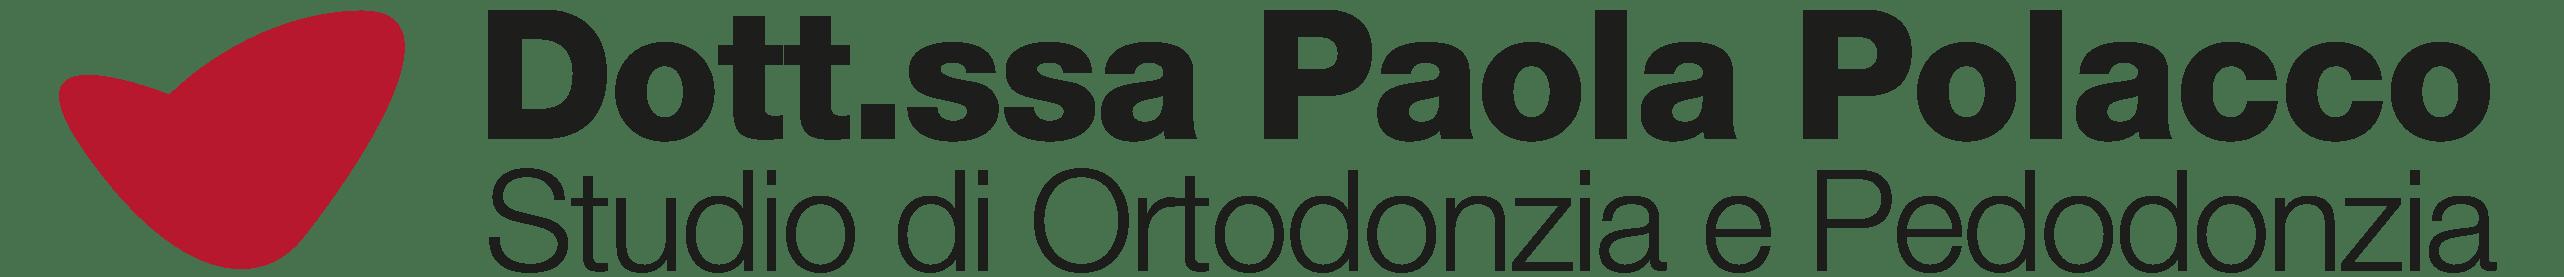 Dott.ssa Paola Polacco Studio di Ortodonzia e Pedodonzia